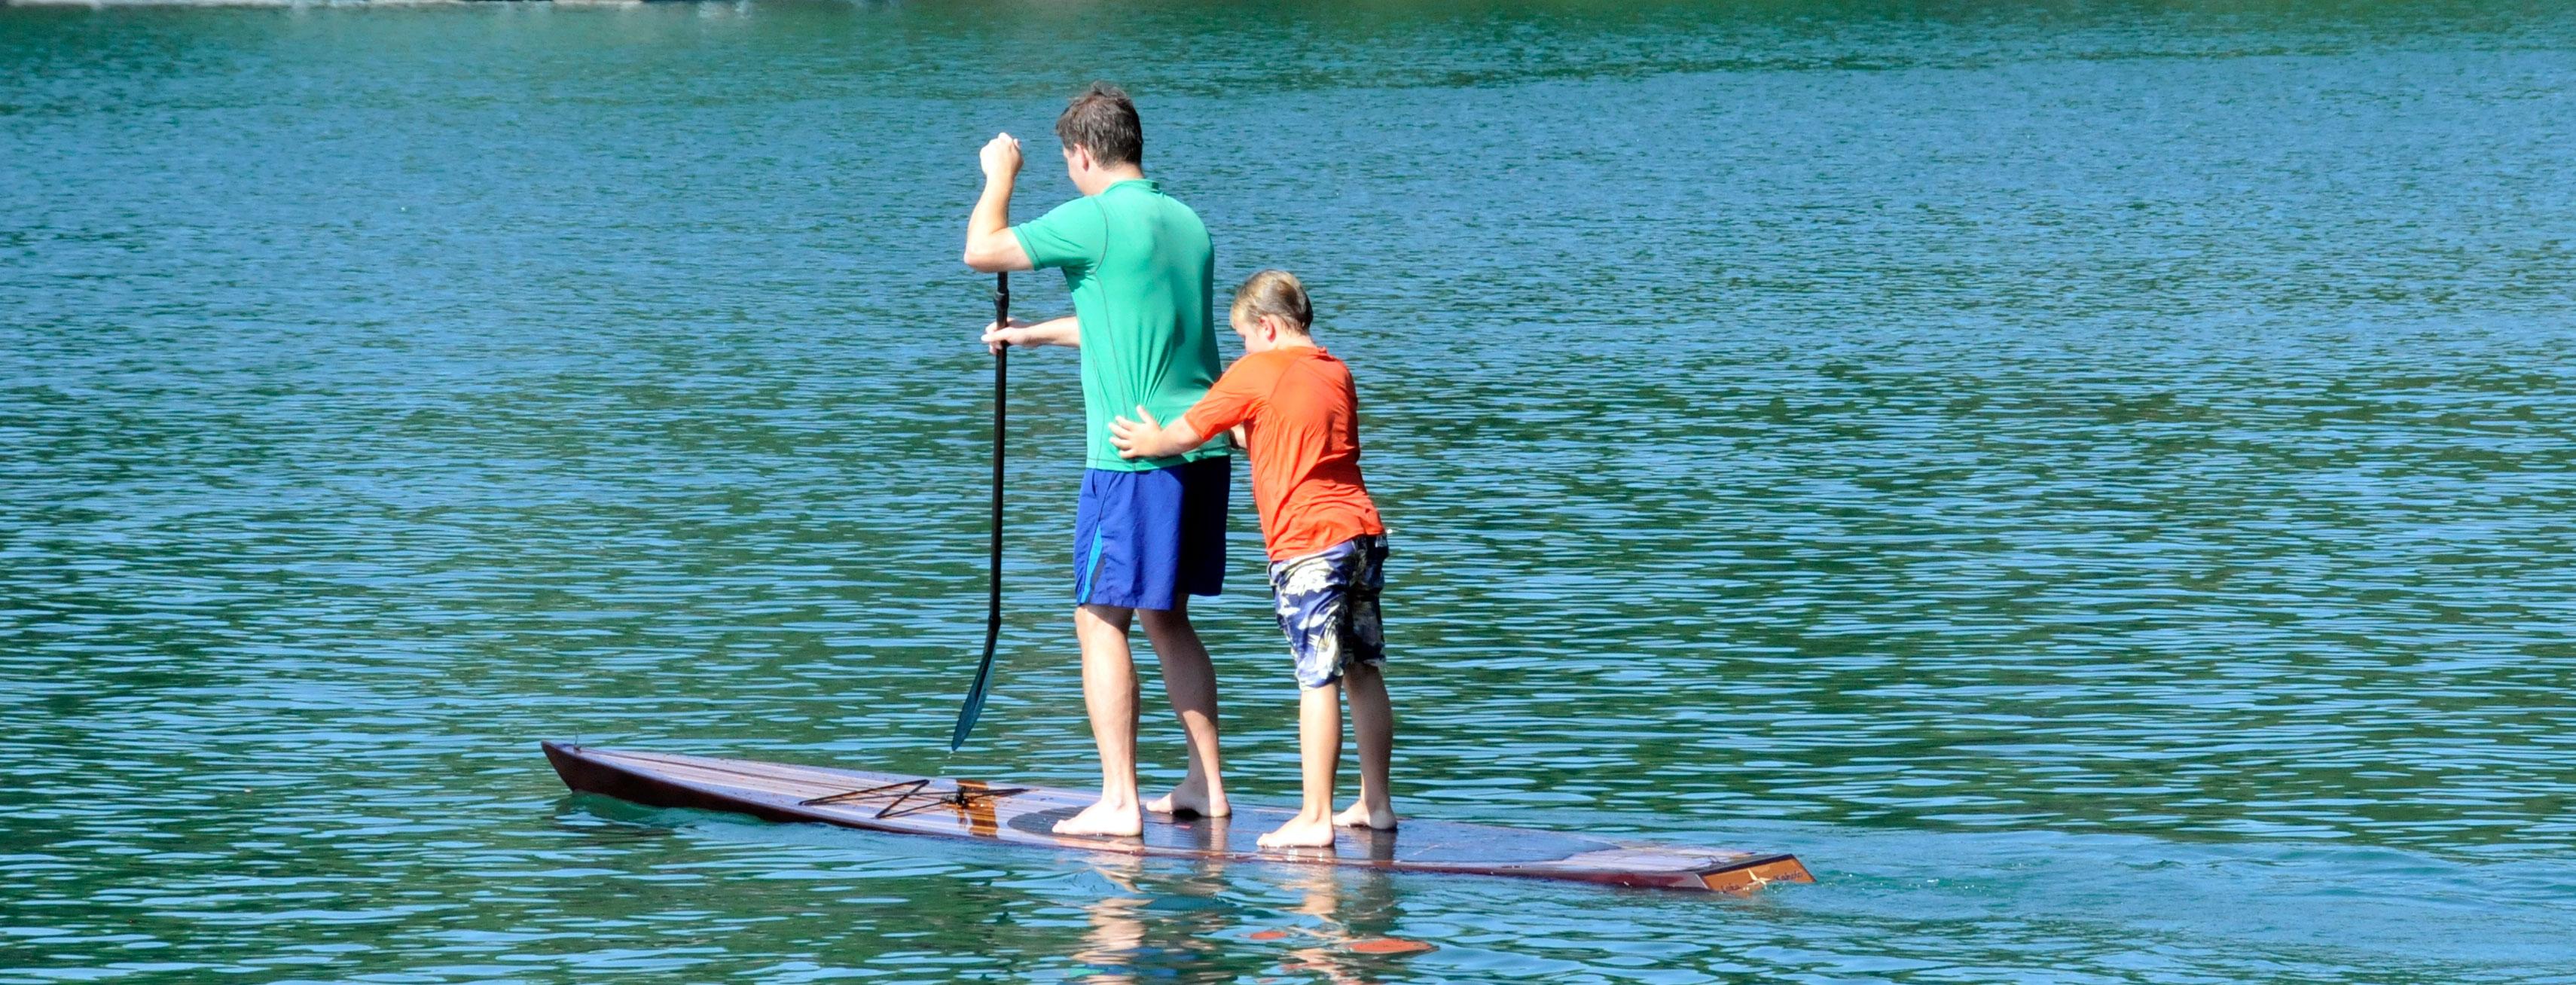 Deppen custom wood canoe paddles - Deppen Custom Wood Canoe Paddles 57